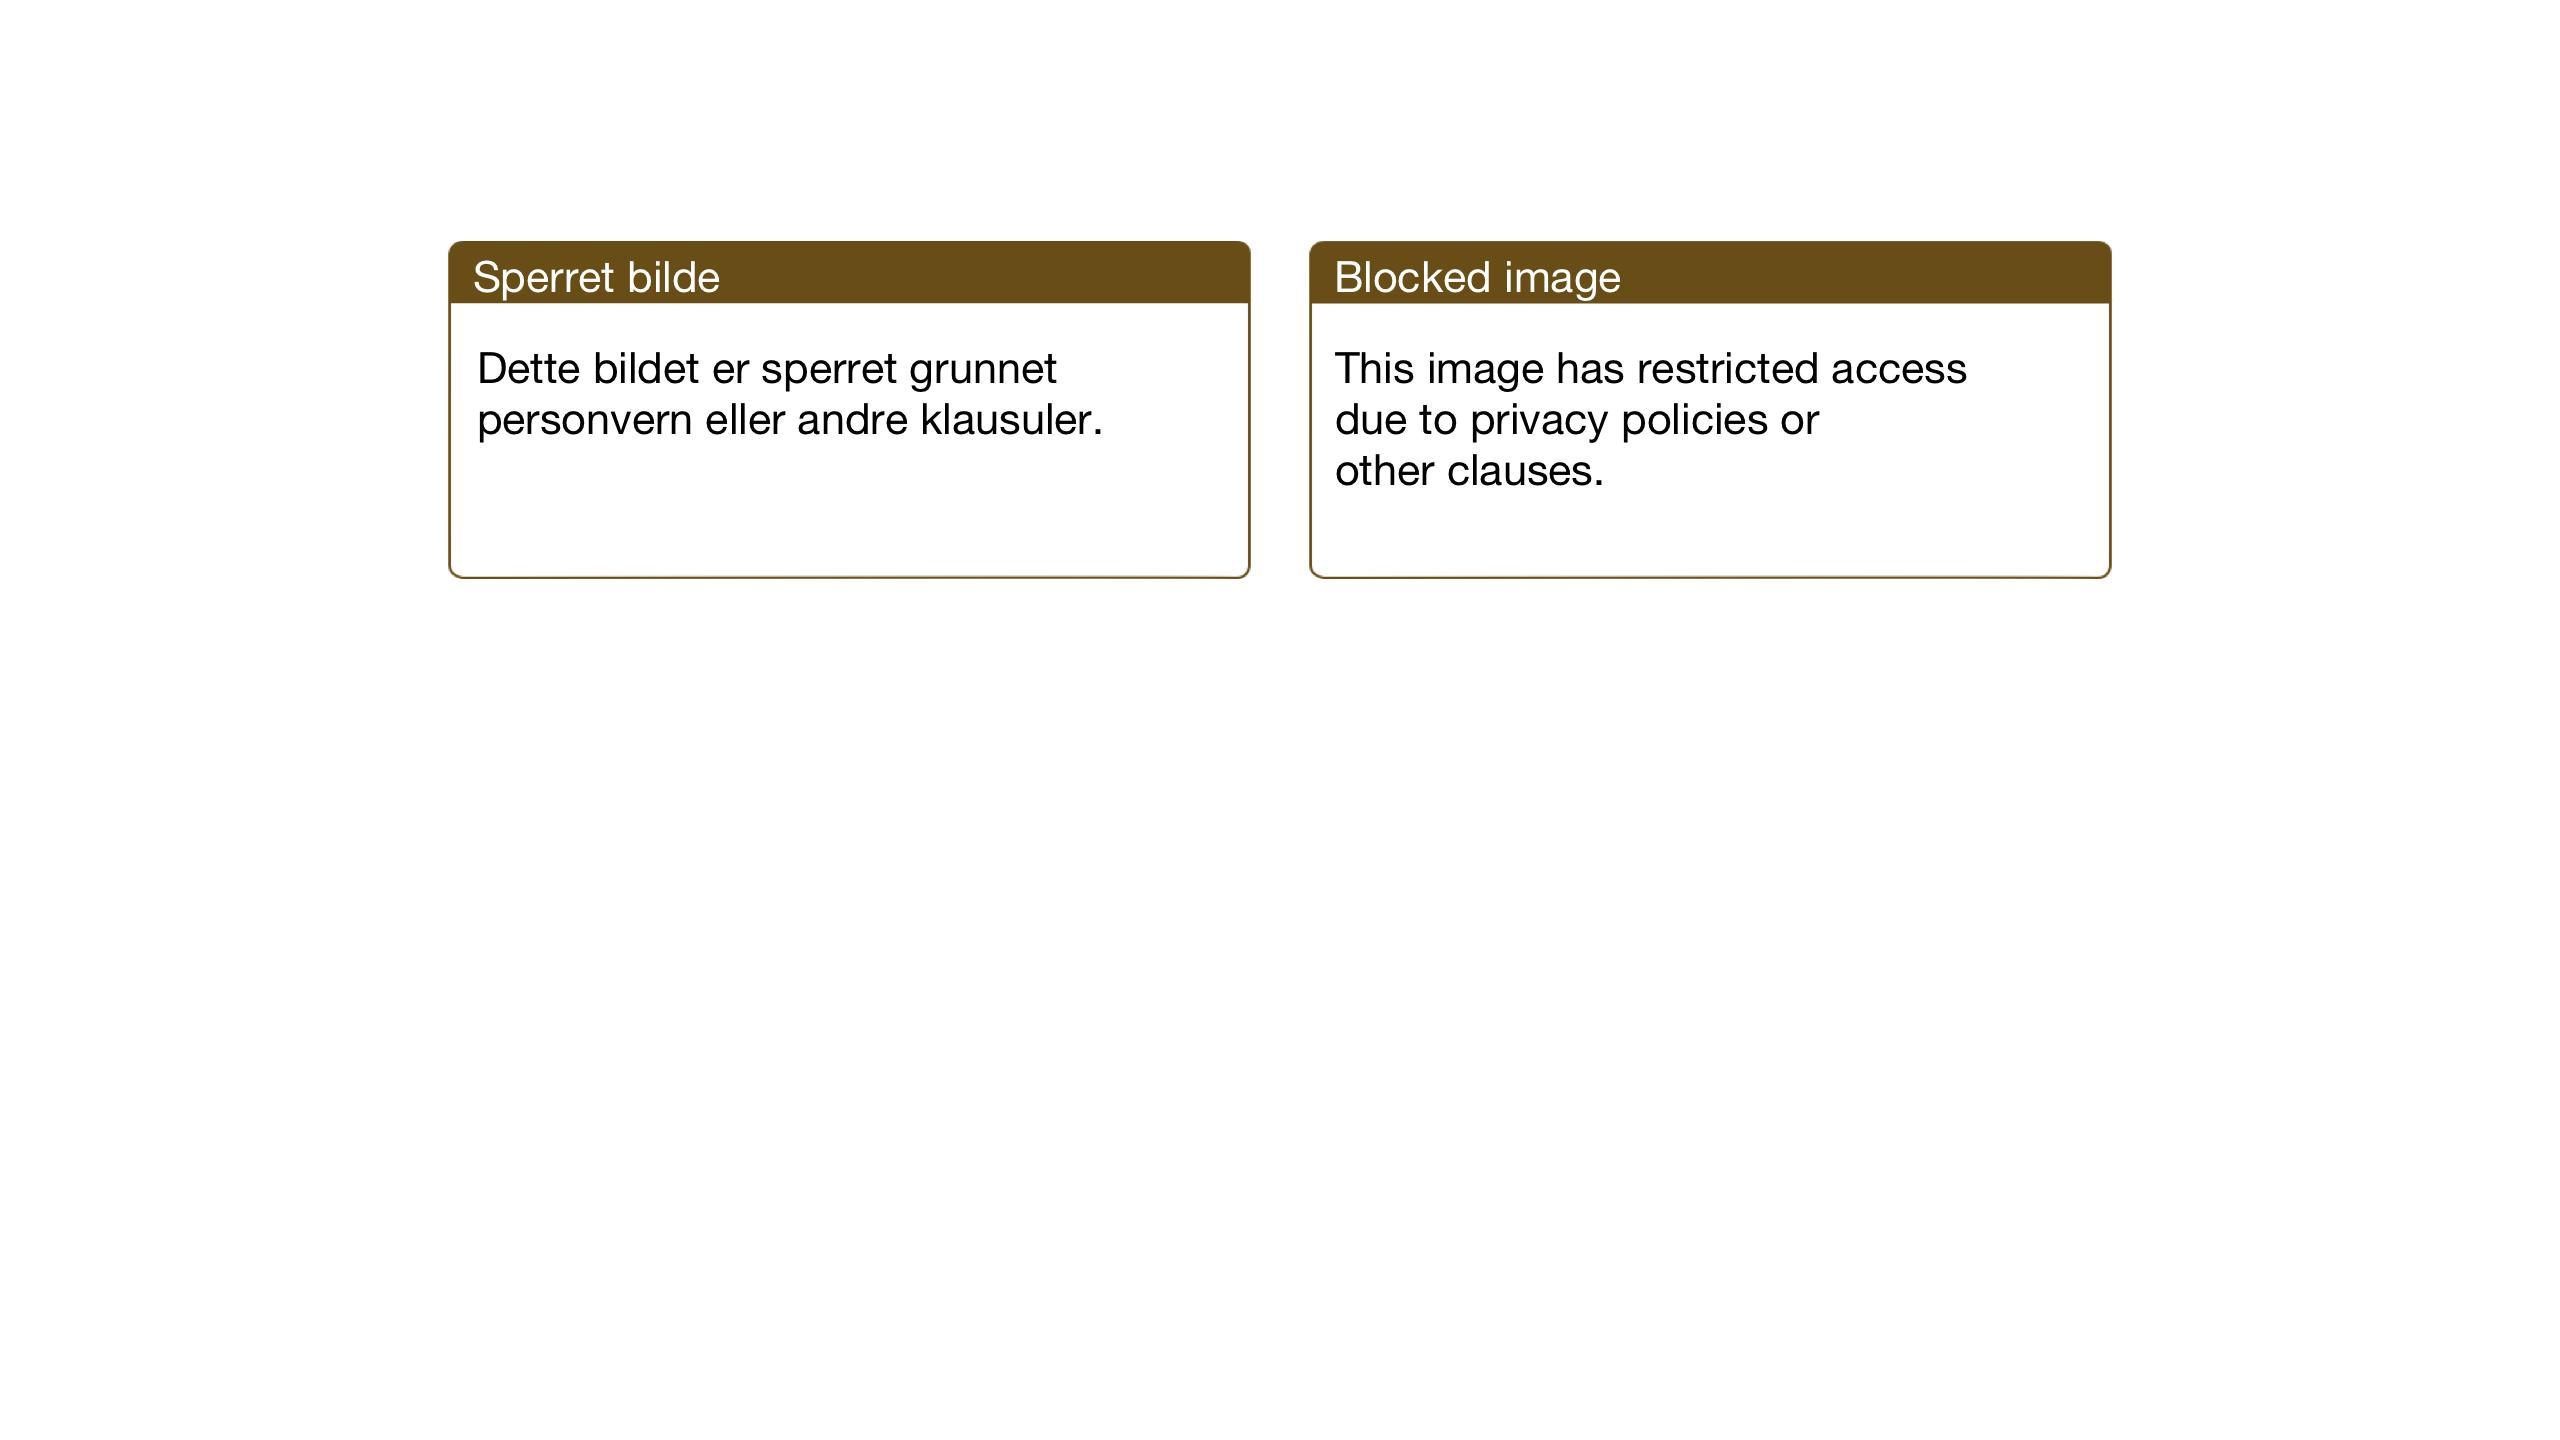 SAT, Ministerialprotokoller, klokkerbøker og fødselsregistre - Sør-Trøndelag, 651/L0648: Klokkerbok nr. 651C02, 1915-1945, s. 149